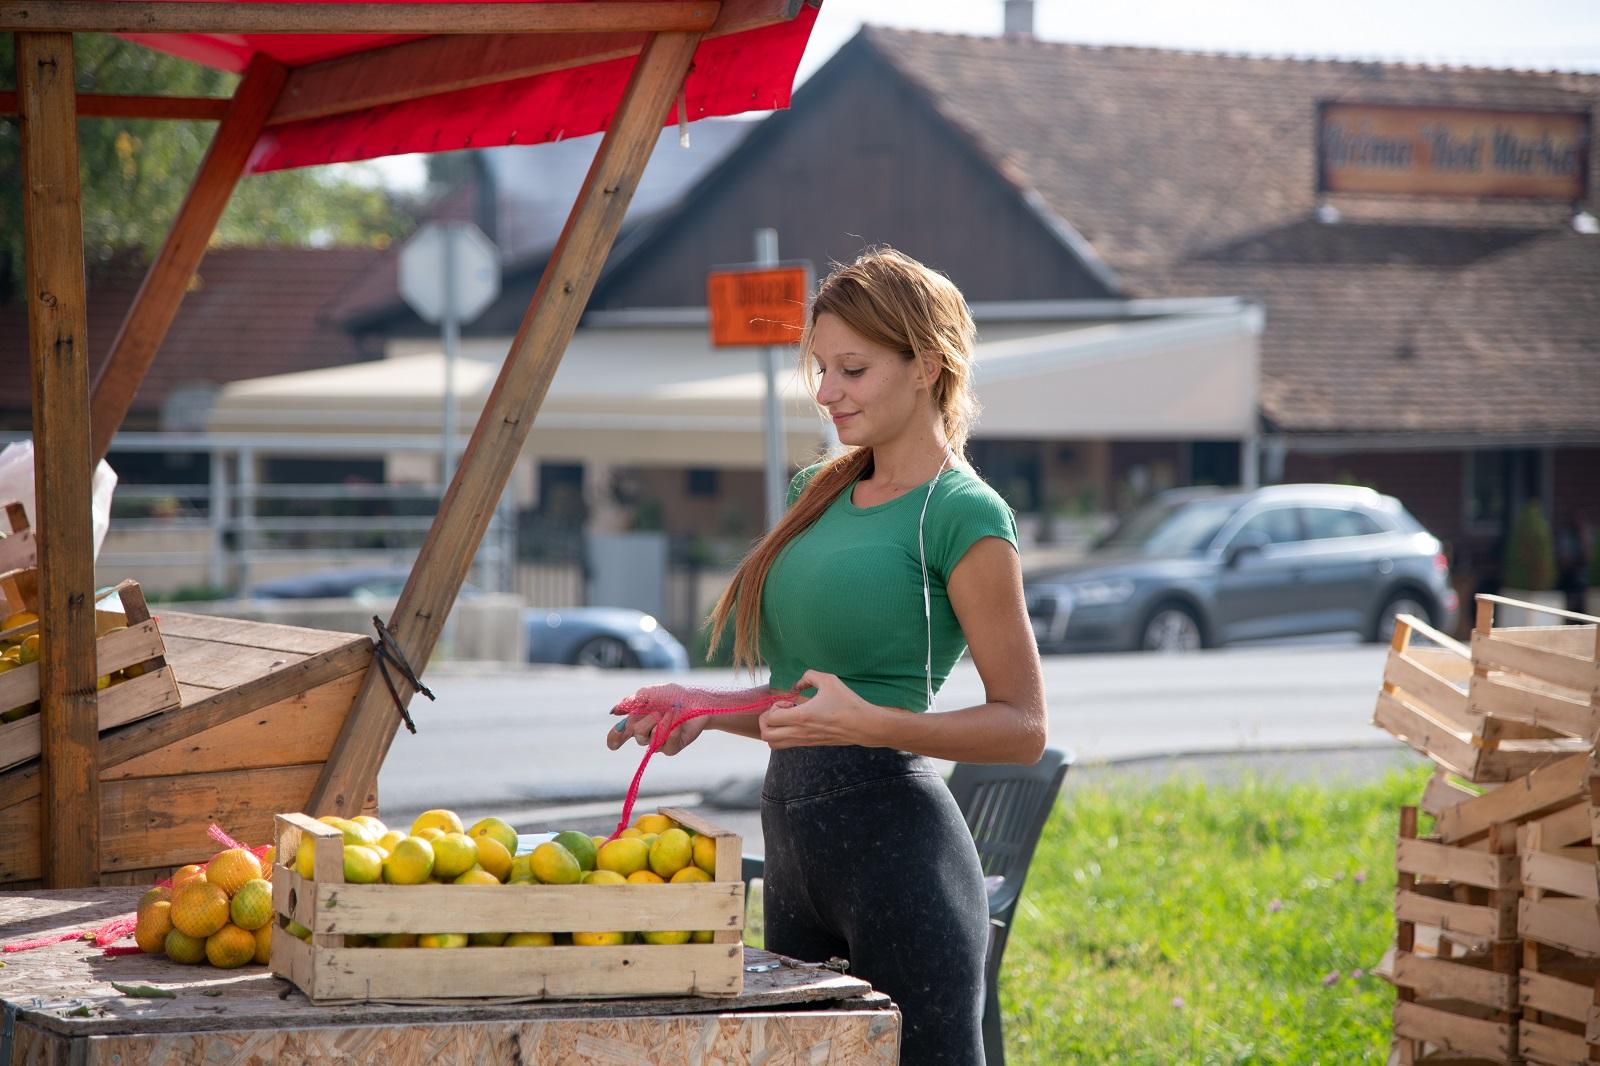 Zagreb, 021019 Prodavacica mandarina na Samoborskoj cesti. Foto: Marko Miscevic / Cropix